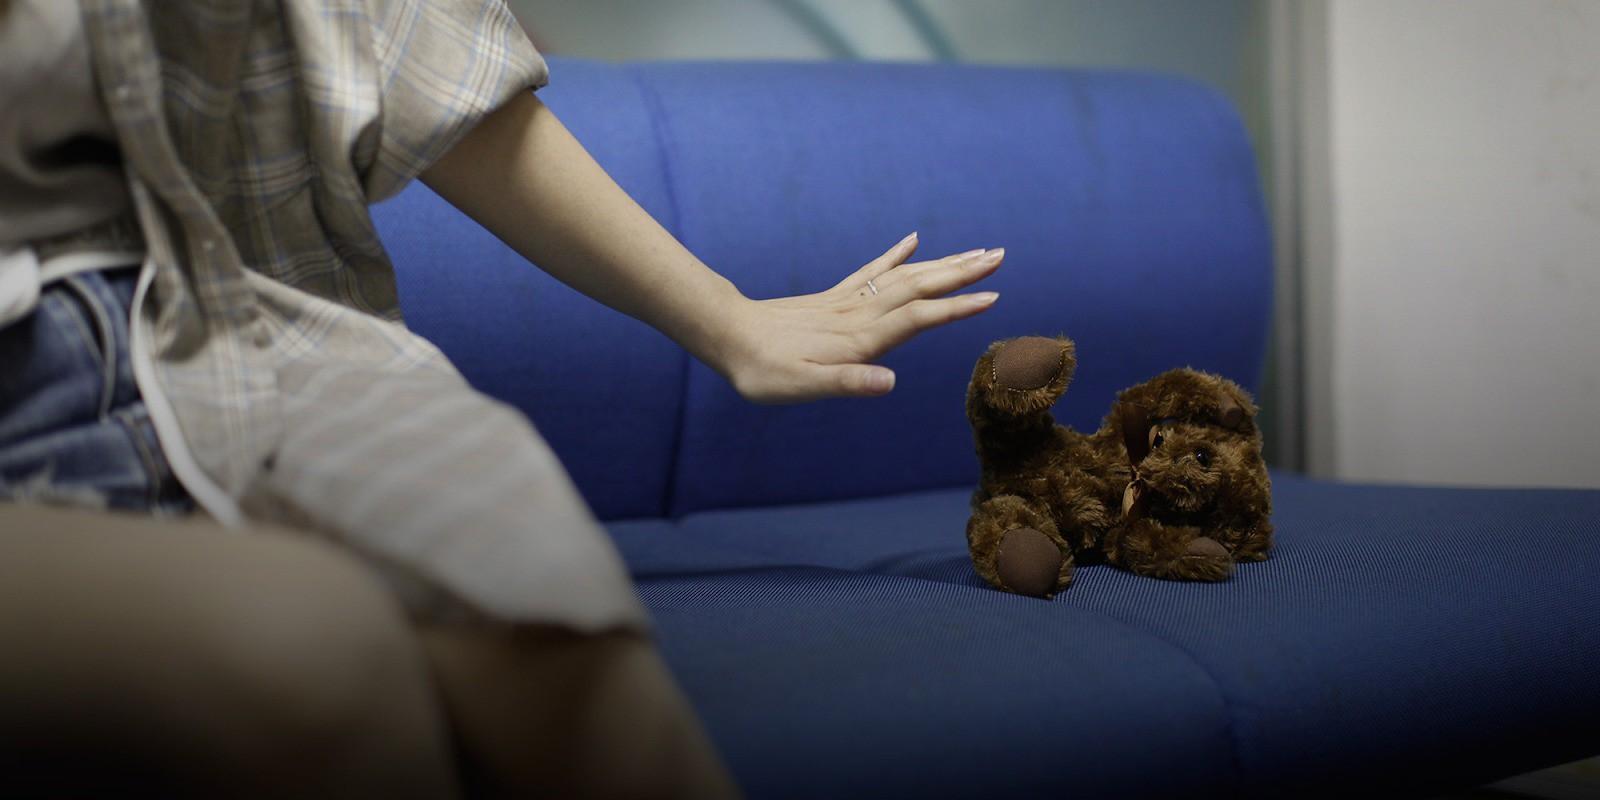 Câu chuyện về những cô gái không muốn sinh con ở Trung Quốc: trào lưu hai người lớn, không trẻ em và những hệ lụy - Ảnh 1.